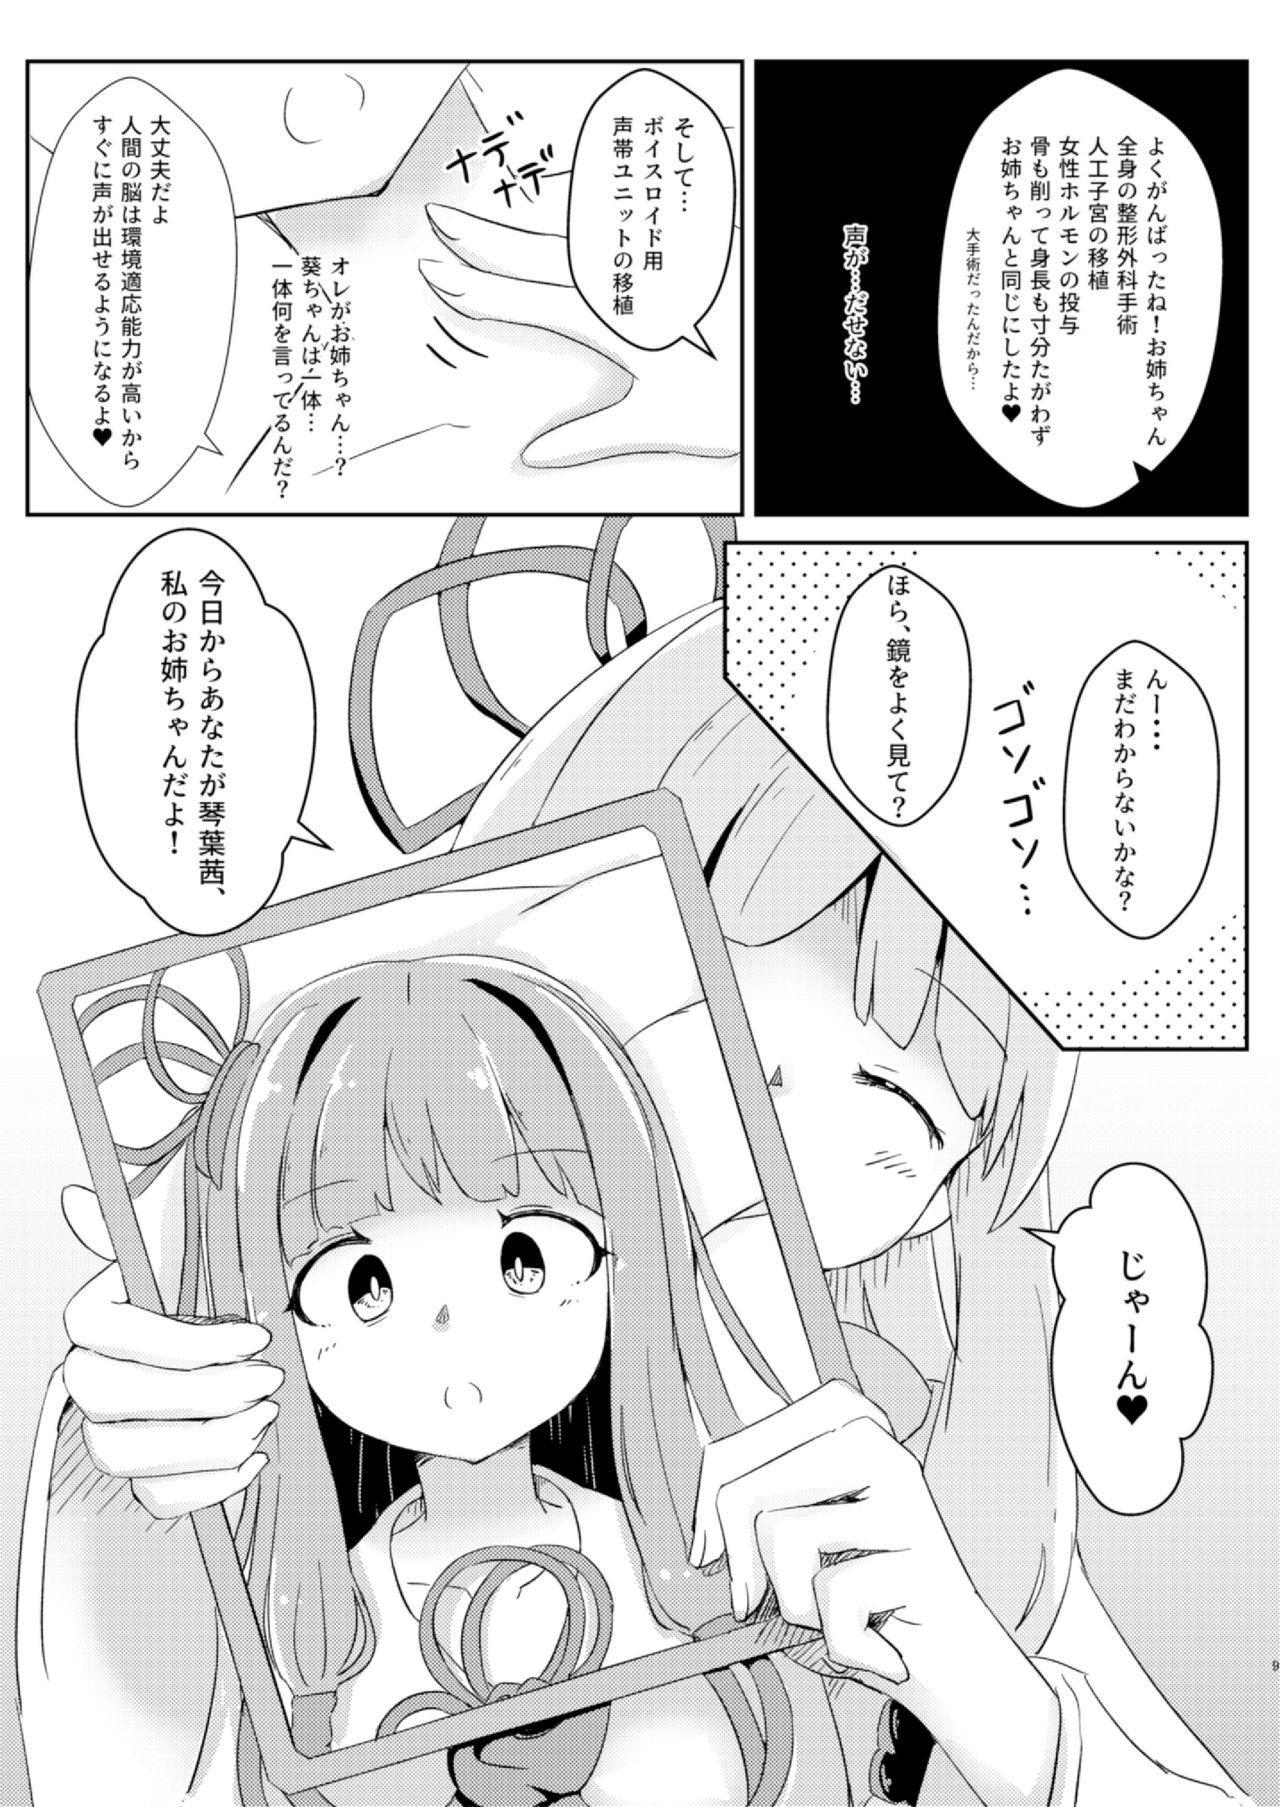 Kyou kara Ore ga Akane-chan!? 8